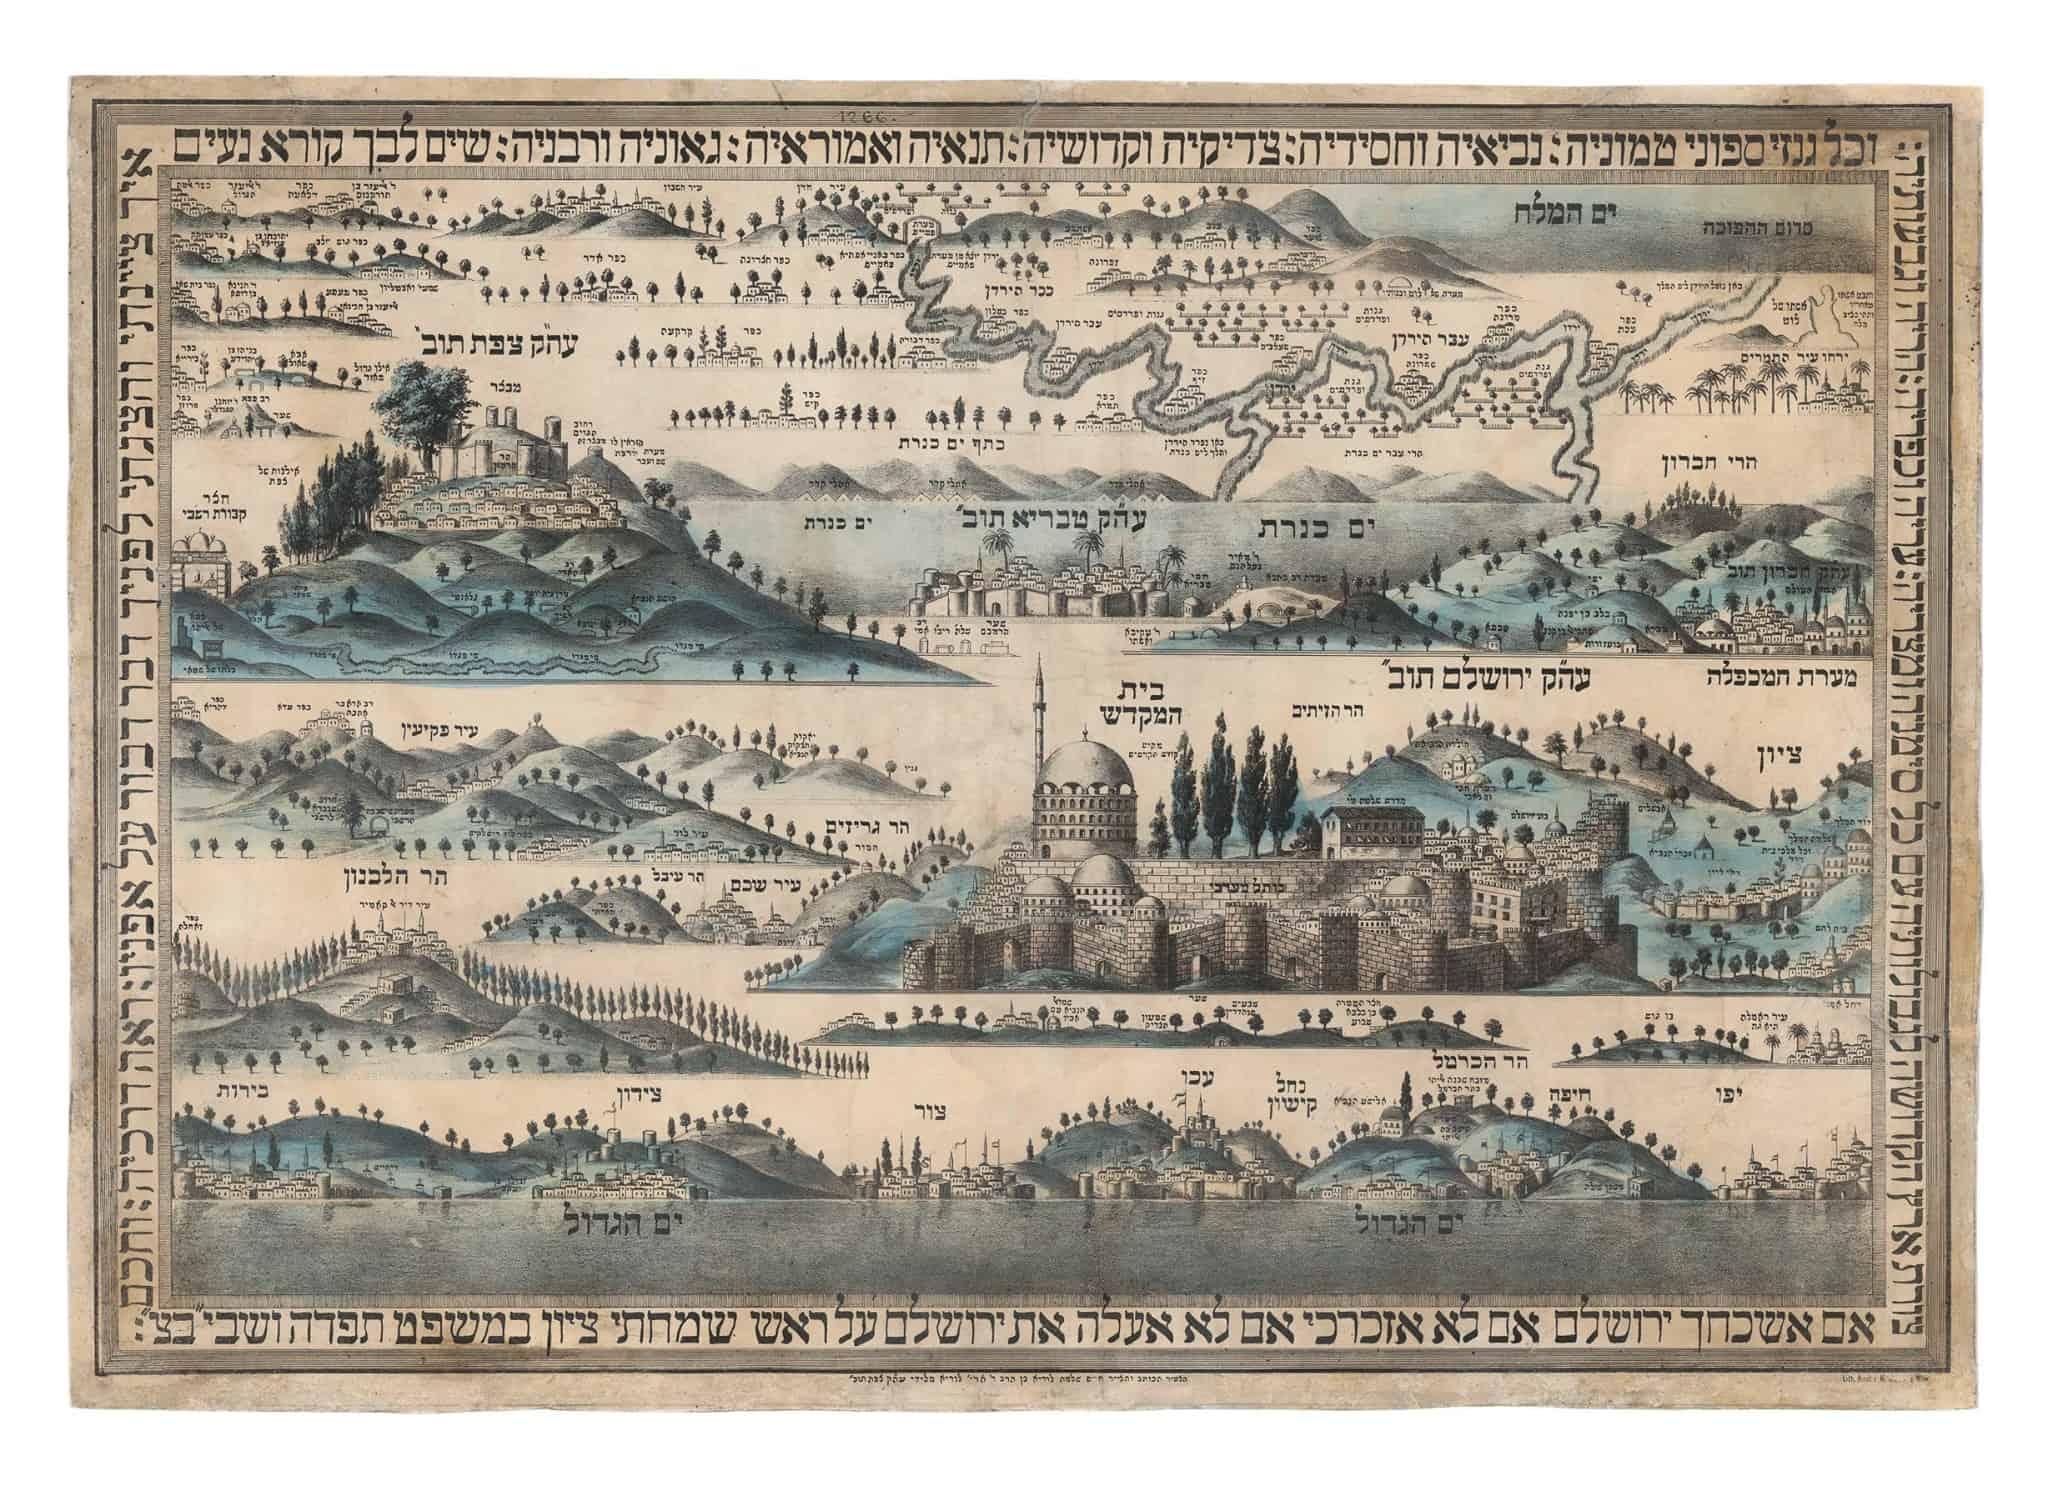 1.Mapa Svätej zeme Chaim Šlomo Luria (podľa) Vydavateľstvo Markus Munk, Viedeň, záver 19. storočia